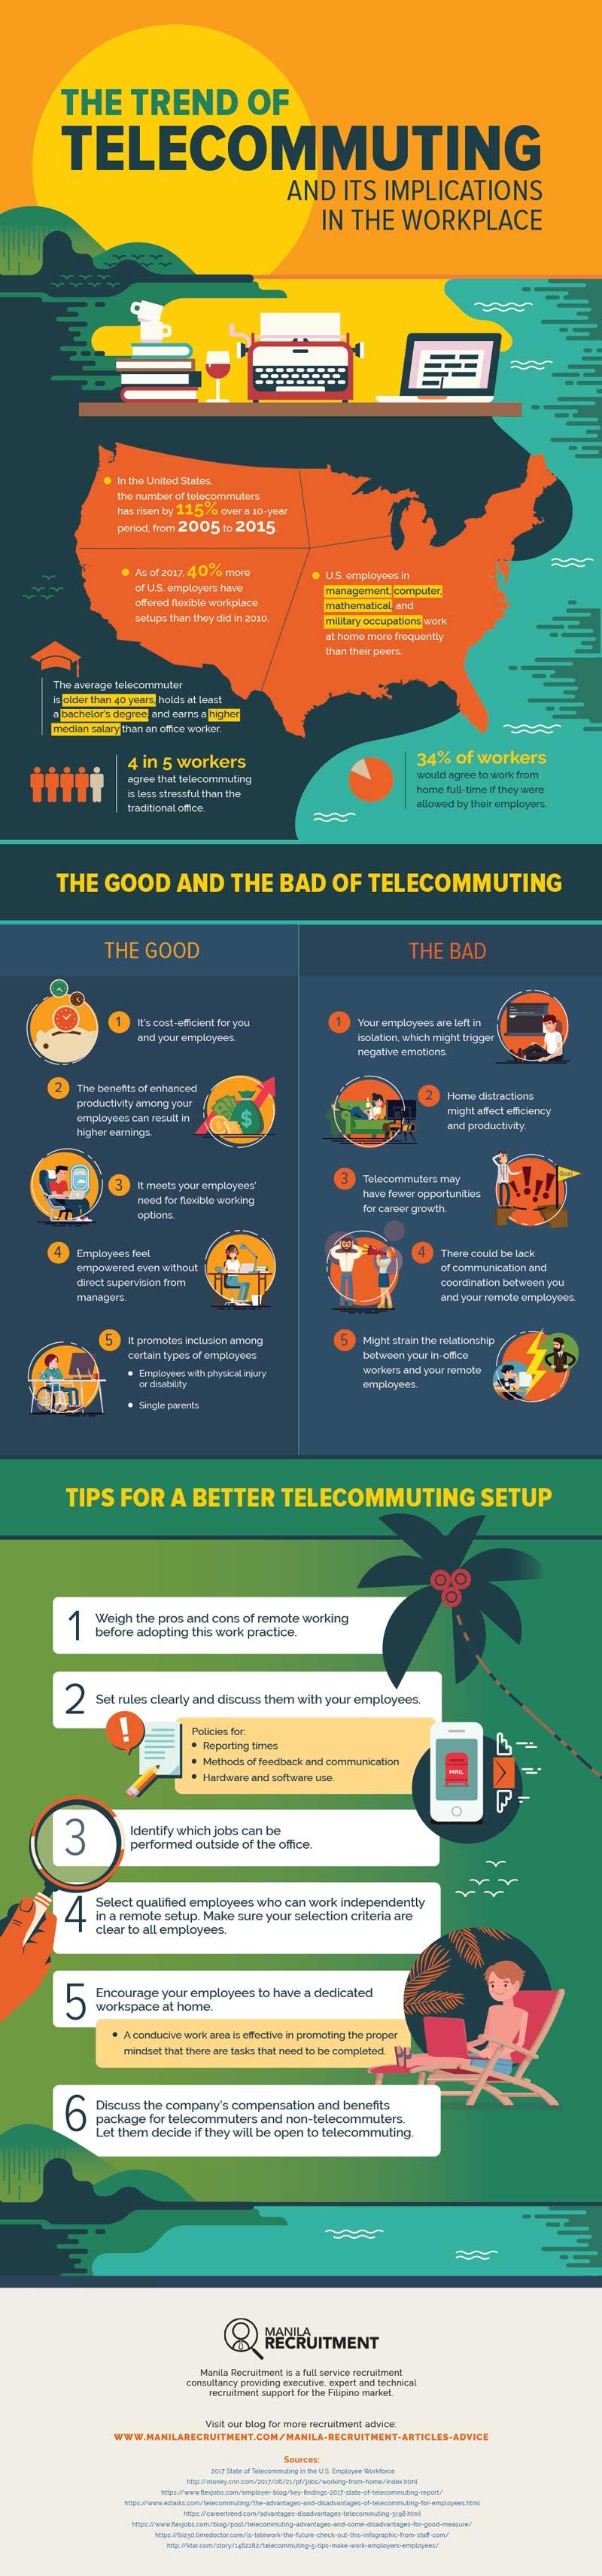 rise-of-telecommuting